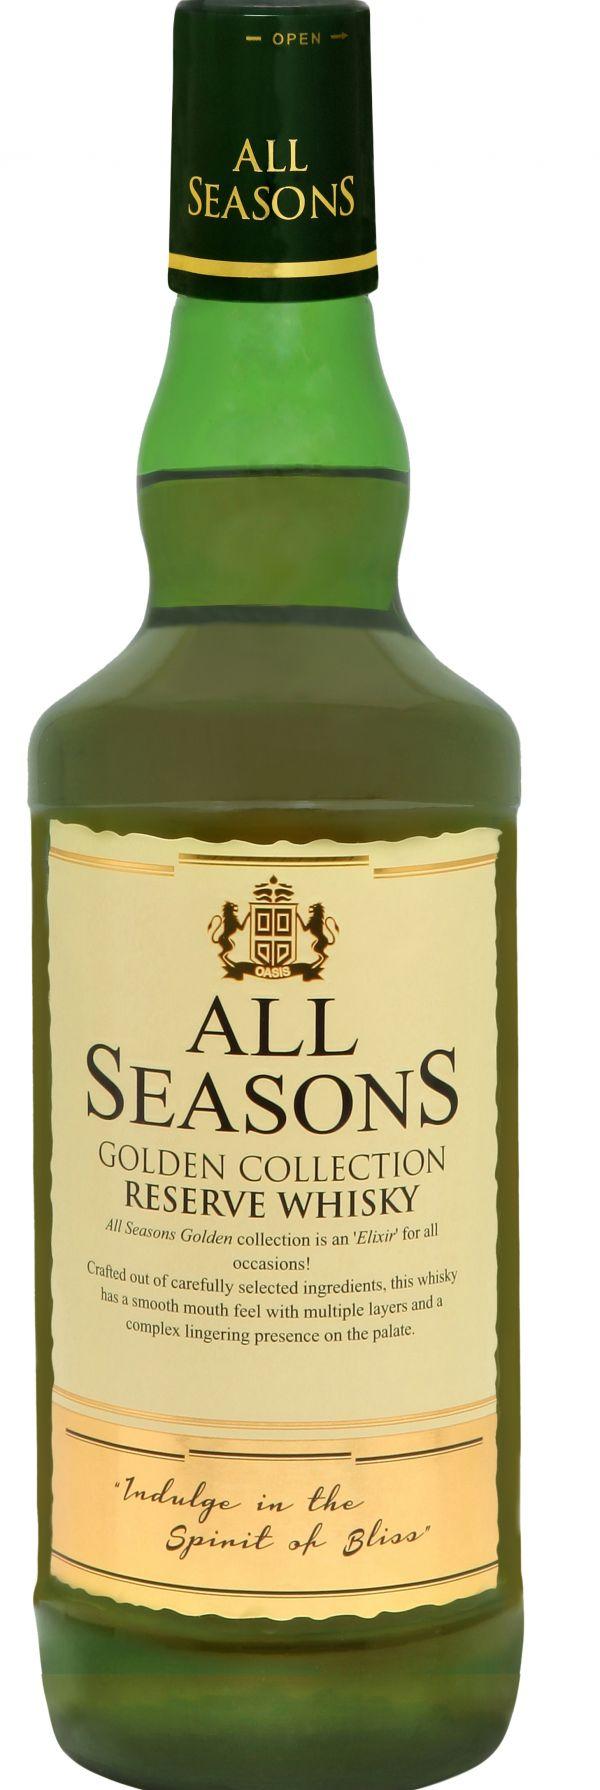 All Seasons Whisky.jpg